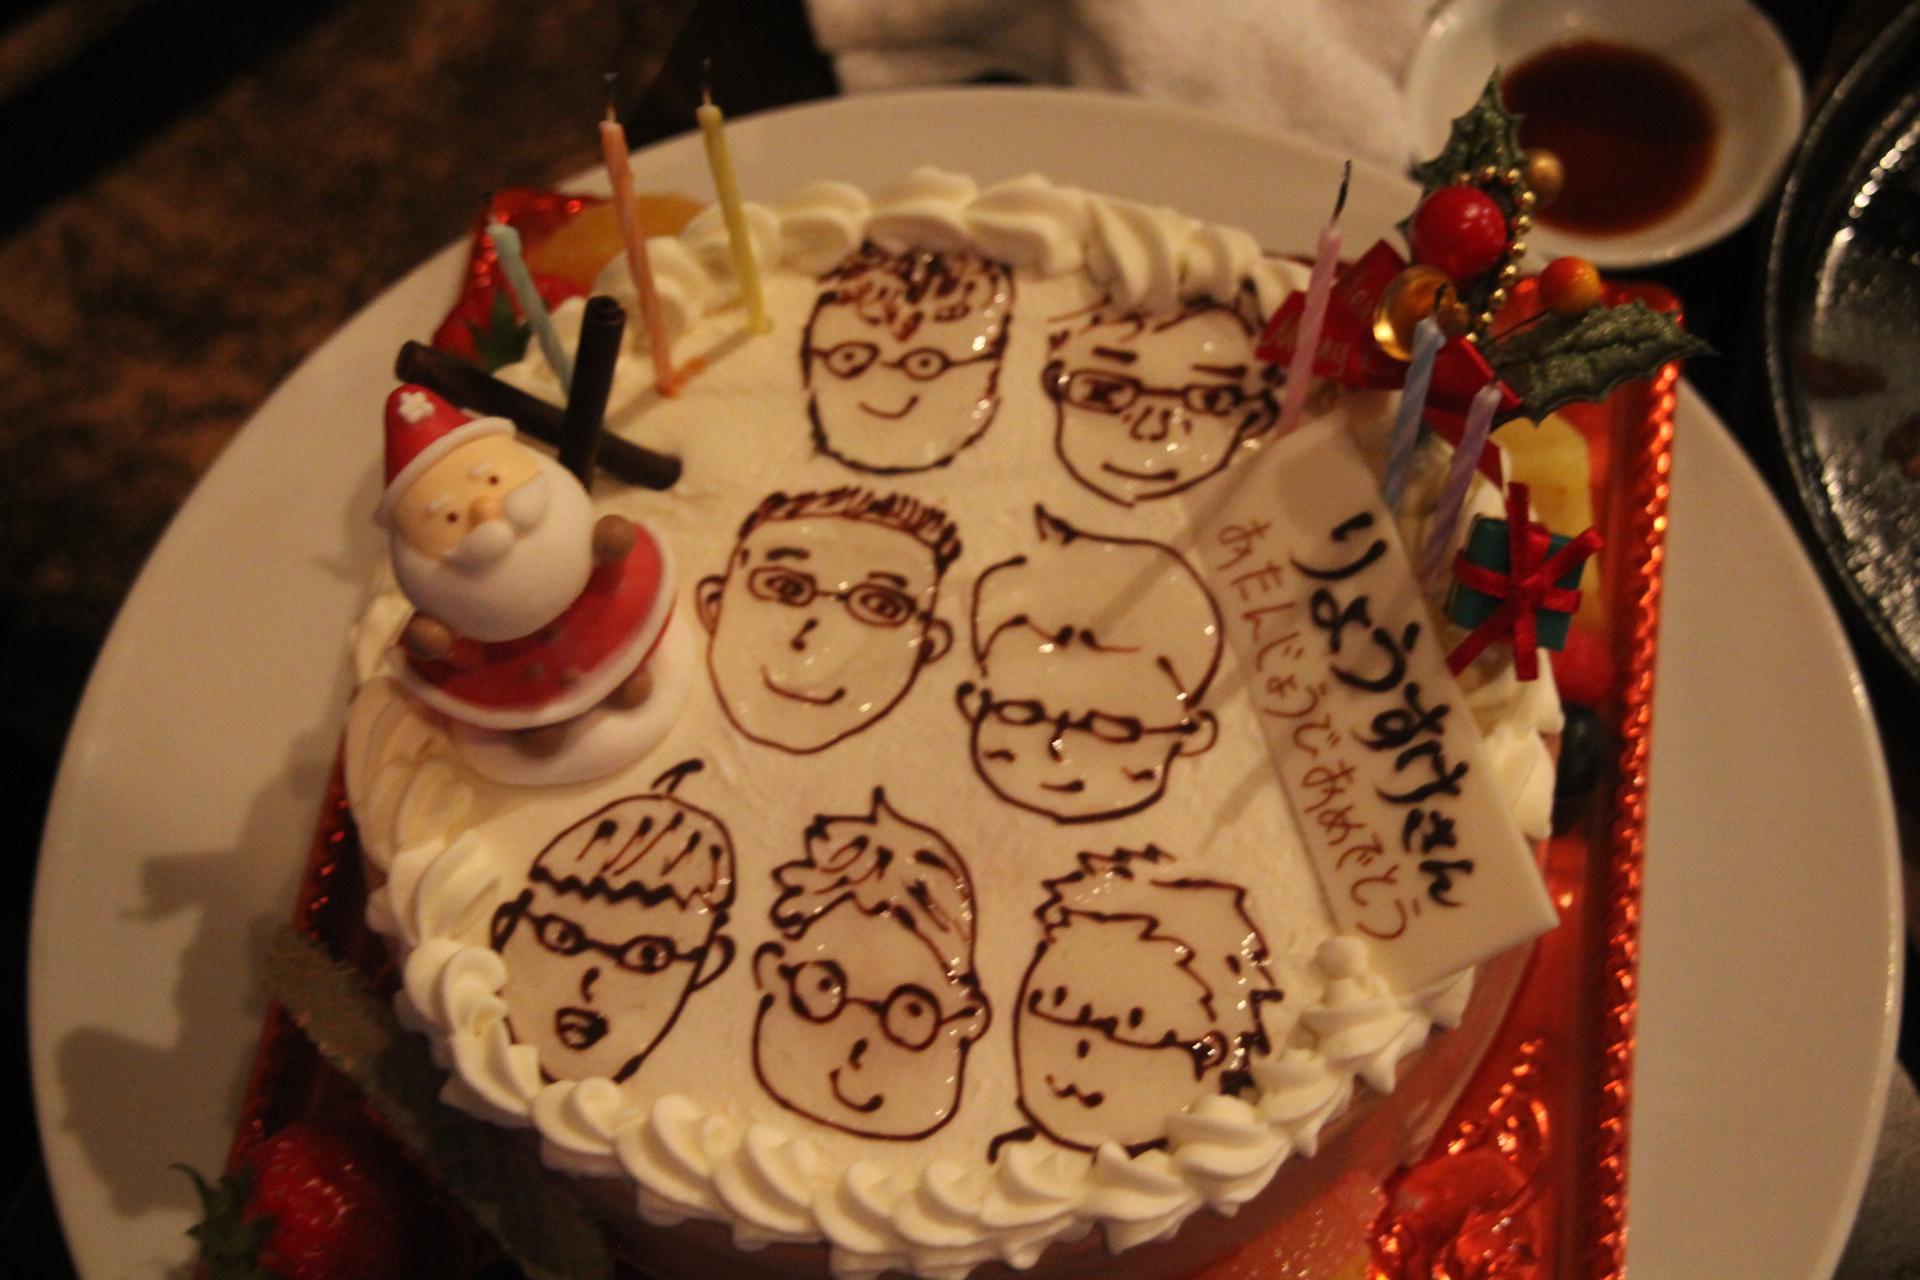 高校生が書いてくれた似顔絵入りケーキ